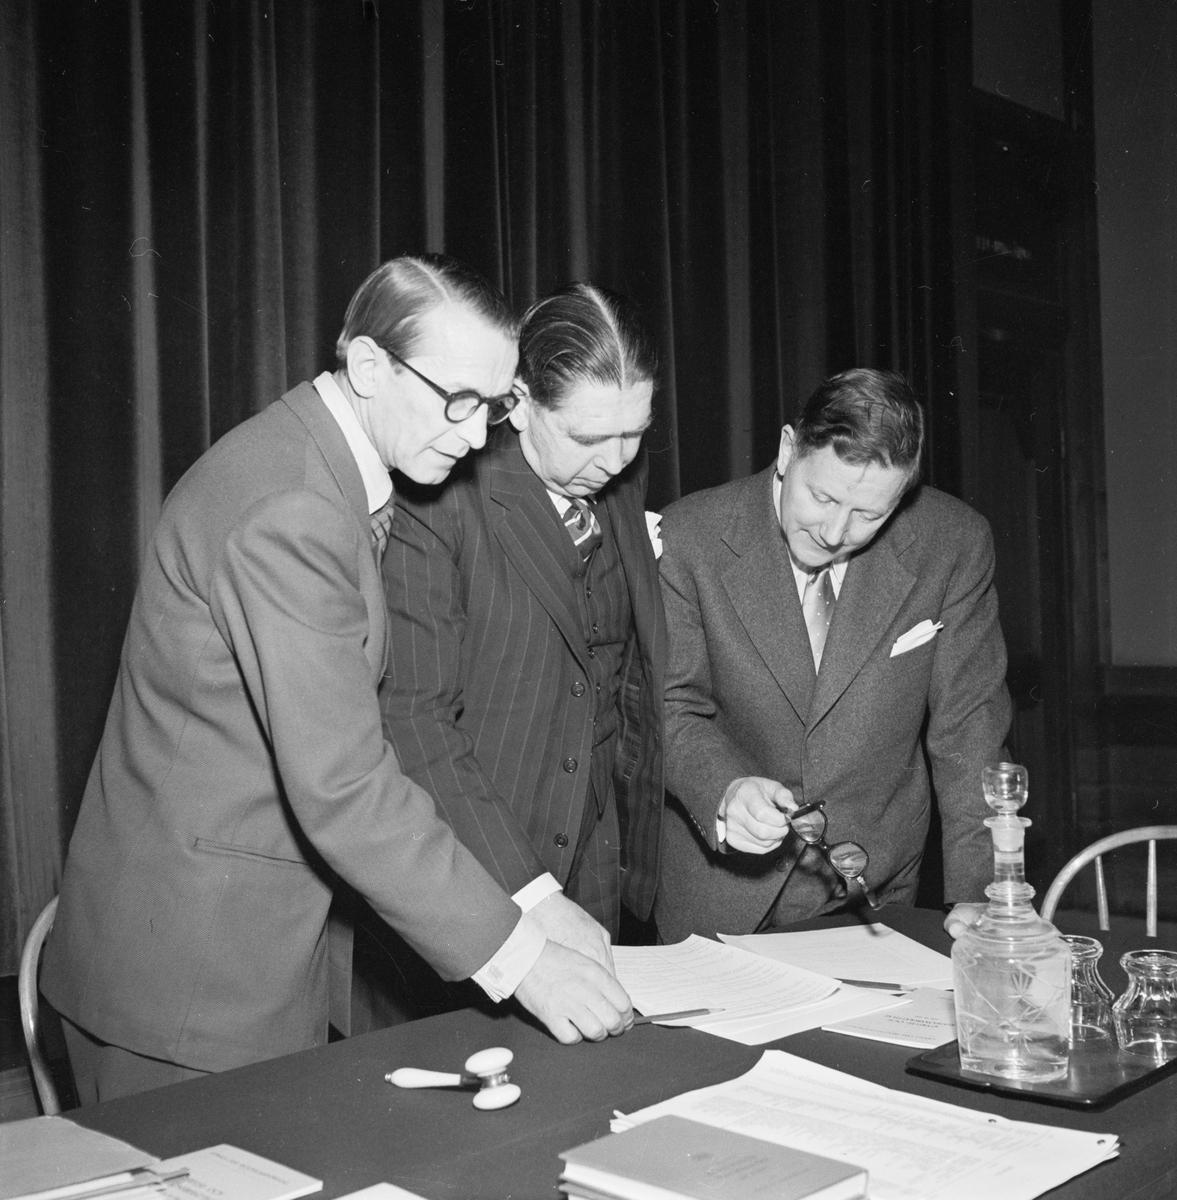 Skogsägarföreningen, möte på Slottsbiografen, Uppsala, april 1953